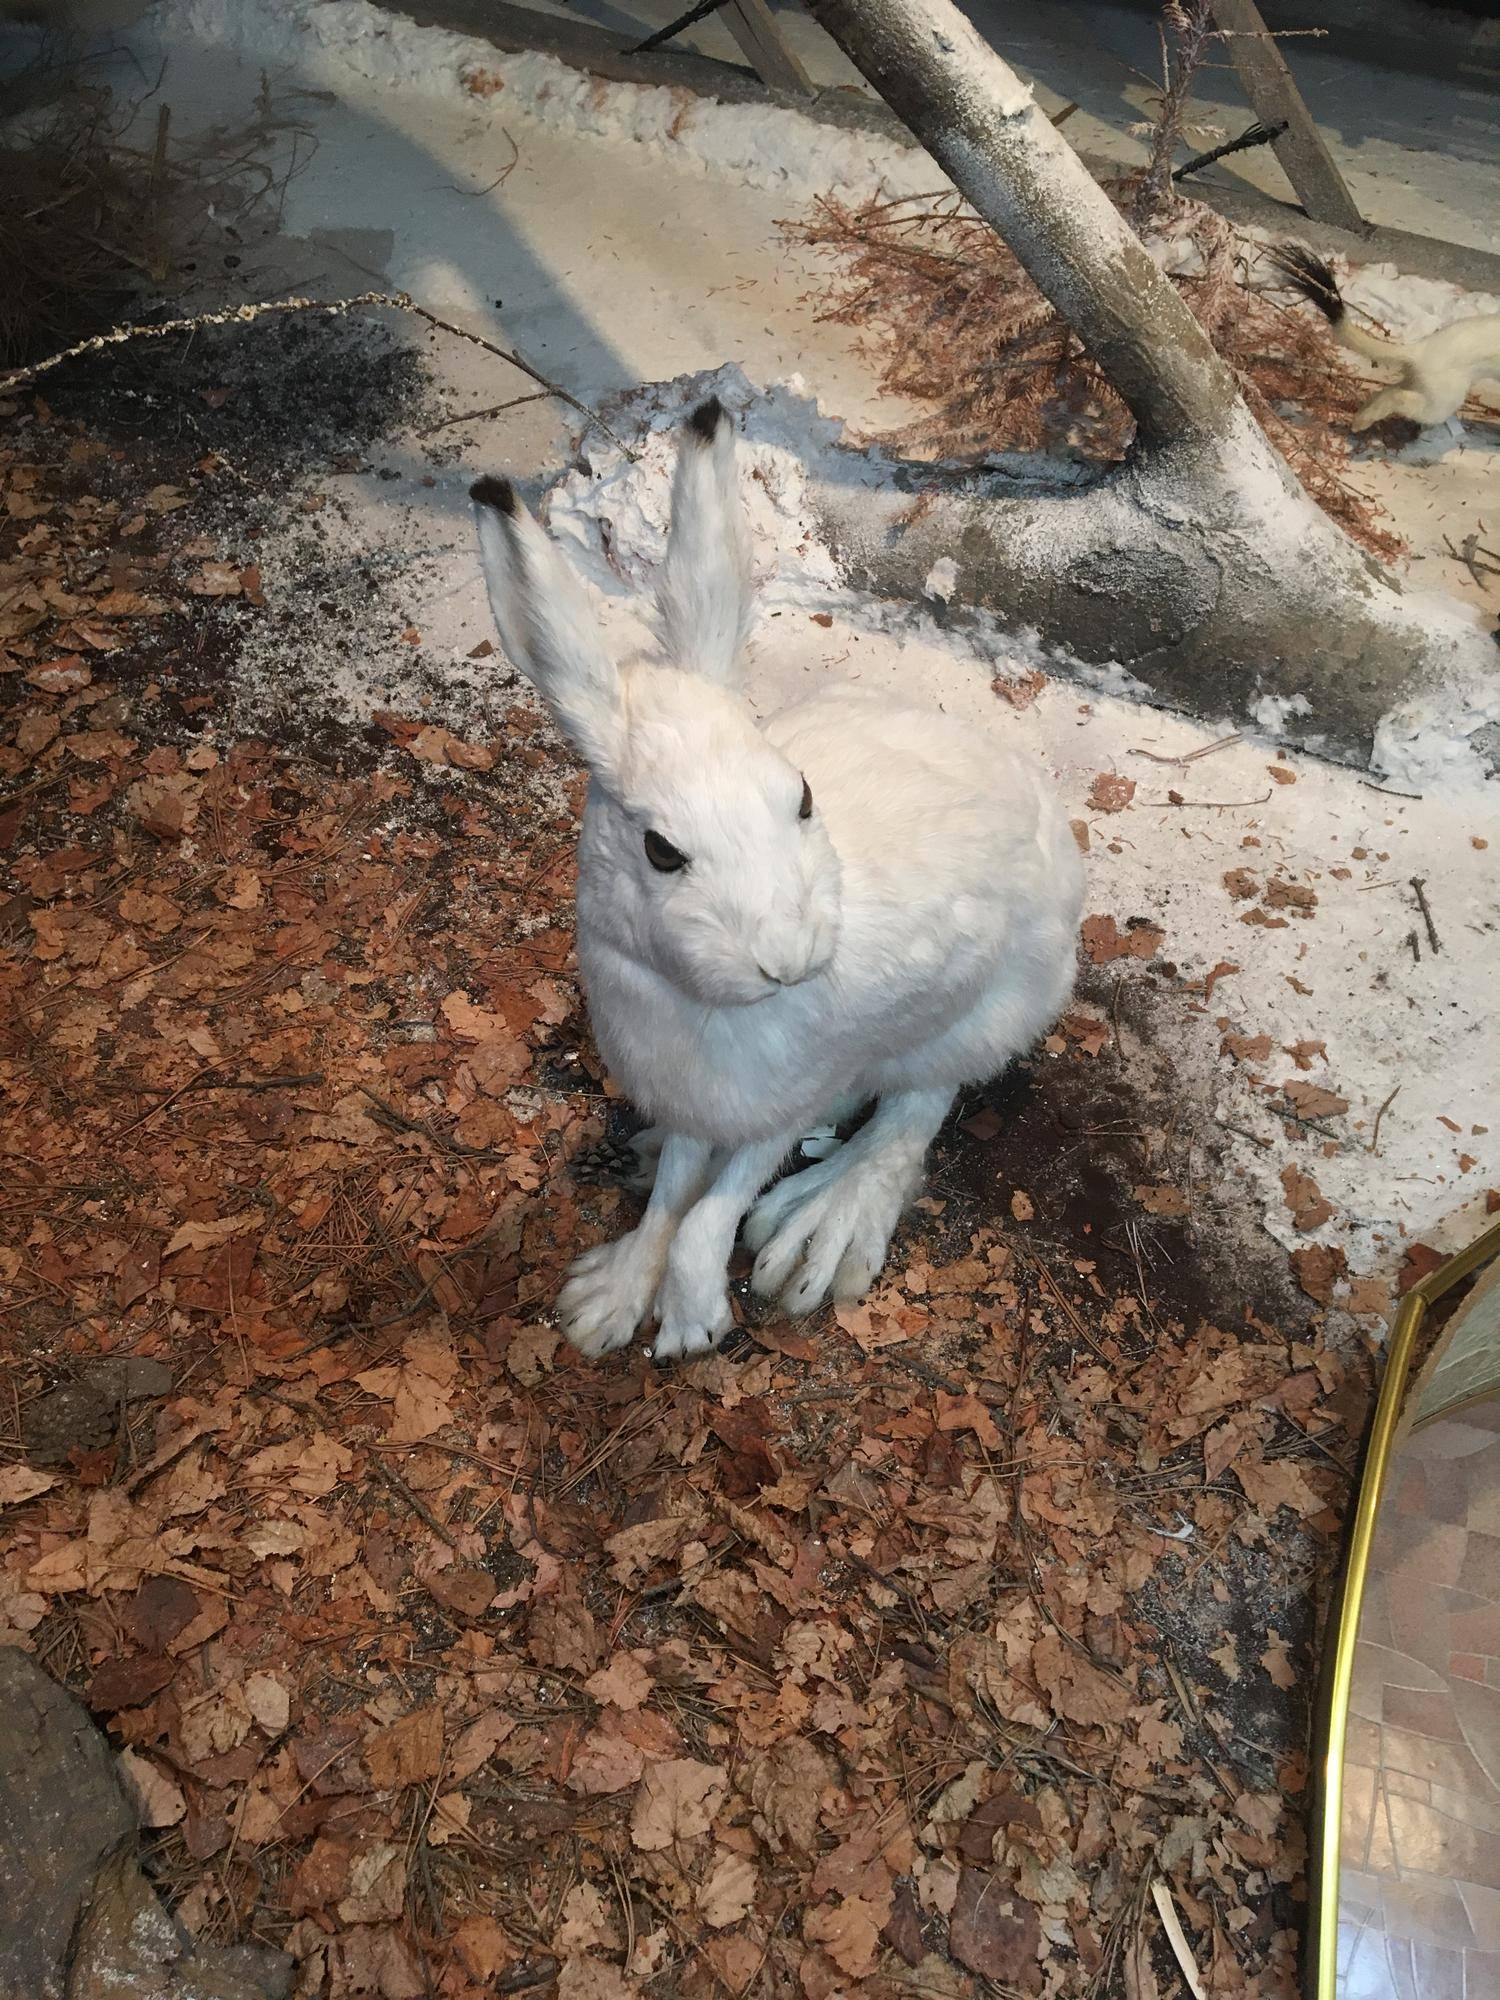 Заяц: характеристики, повадки, особенности жизненного цикла и естественные враги (95 фото)